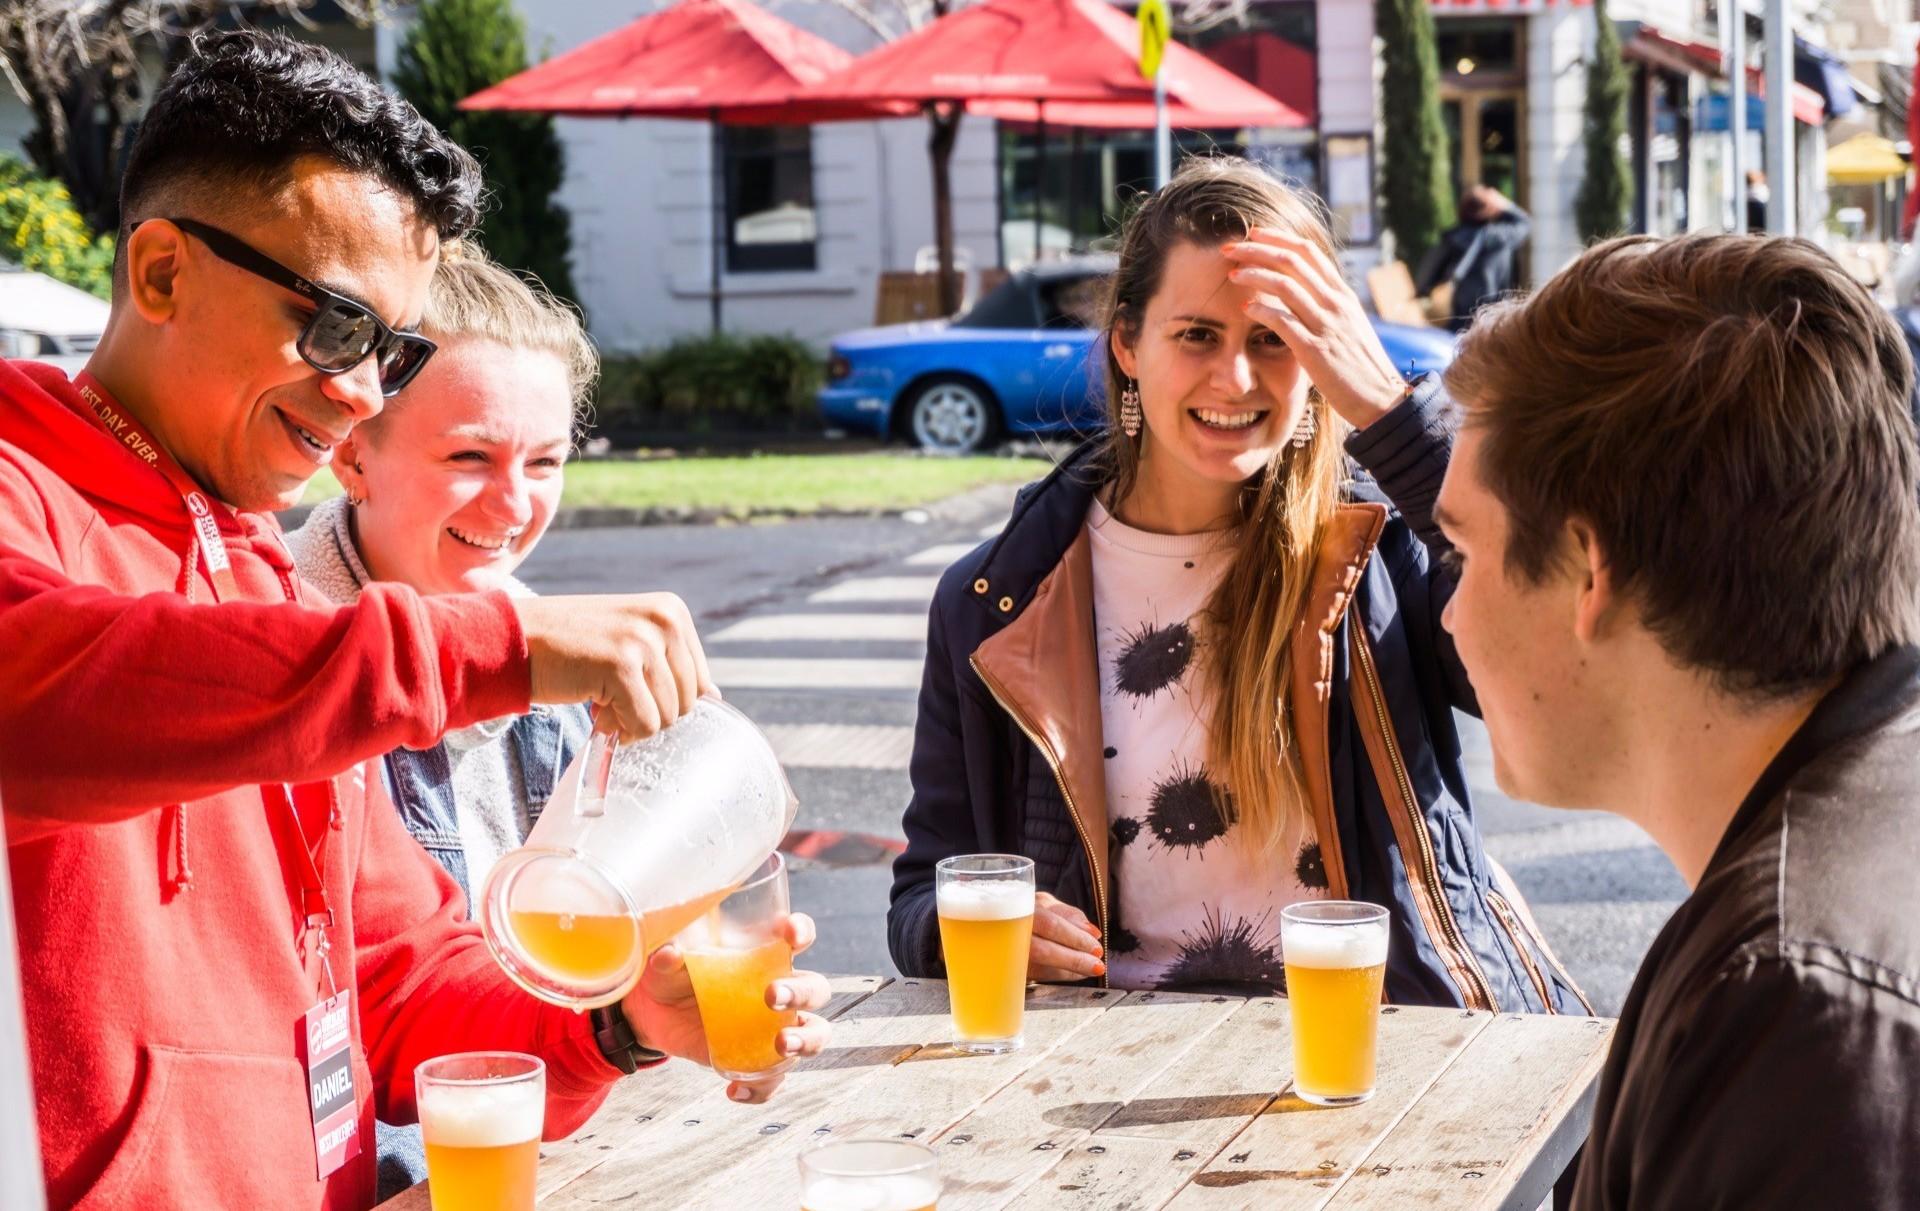 Drinking walking tours melbourne1 - Các tour đi bộ kết hợp nhâm nhi rượu tuyệt nhất Melbourne